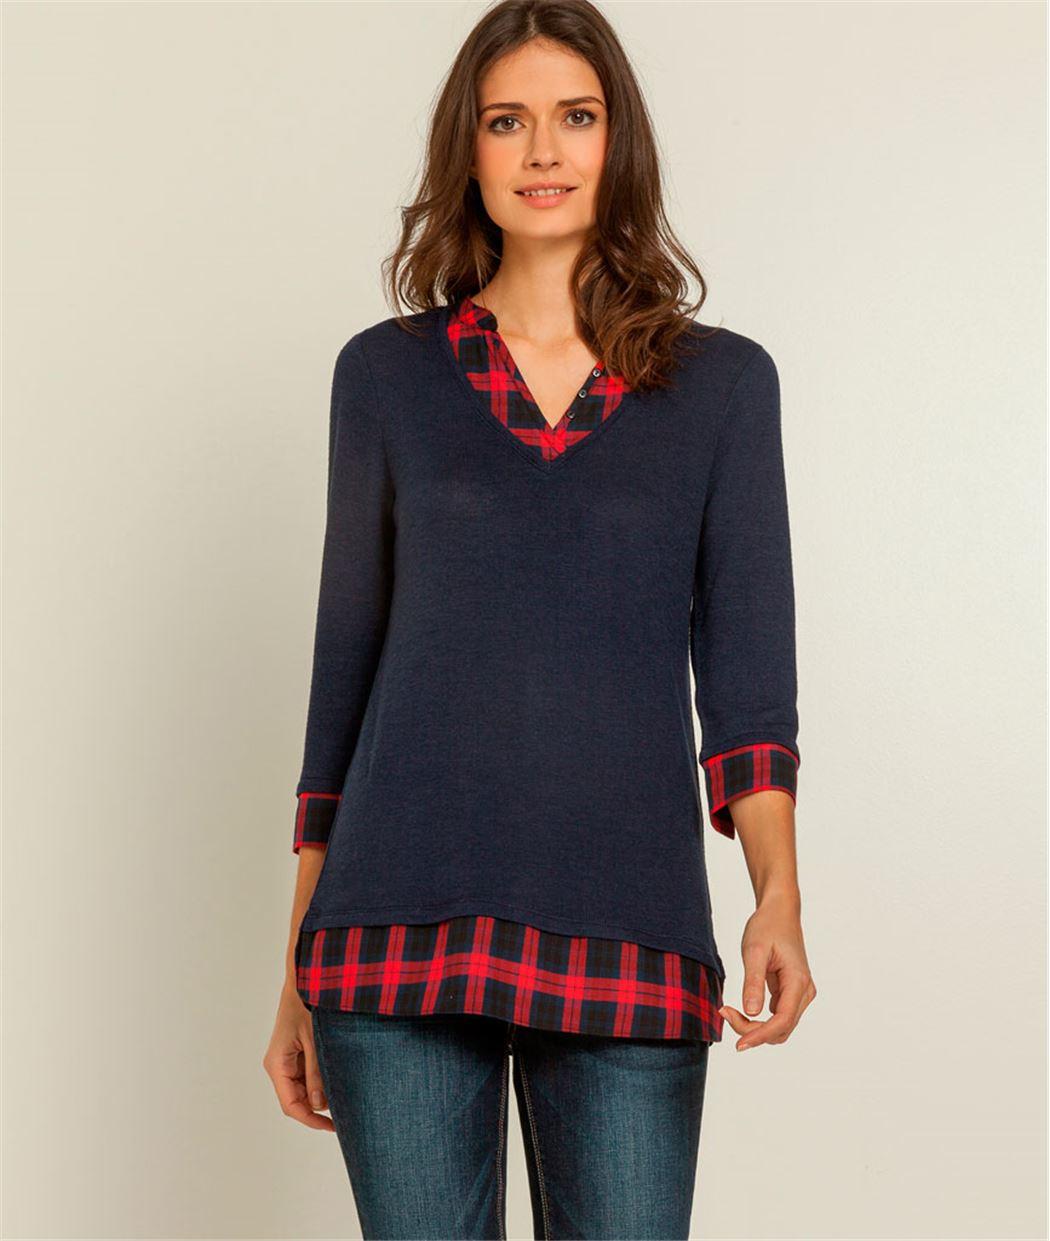 T-shirt femme 2 en 1 carreaux BLEU MARINE